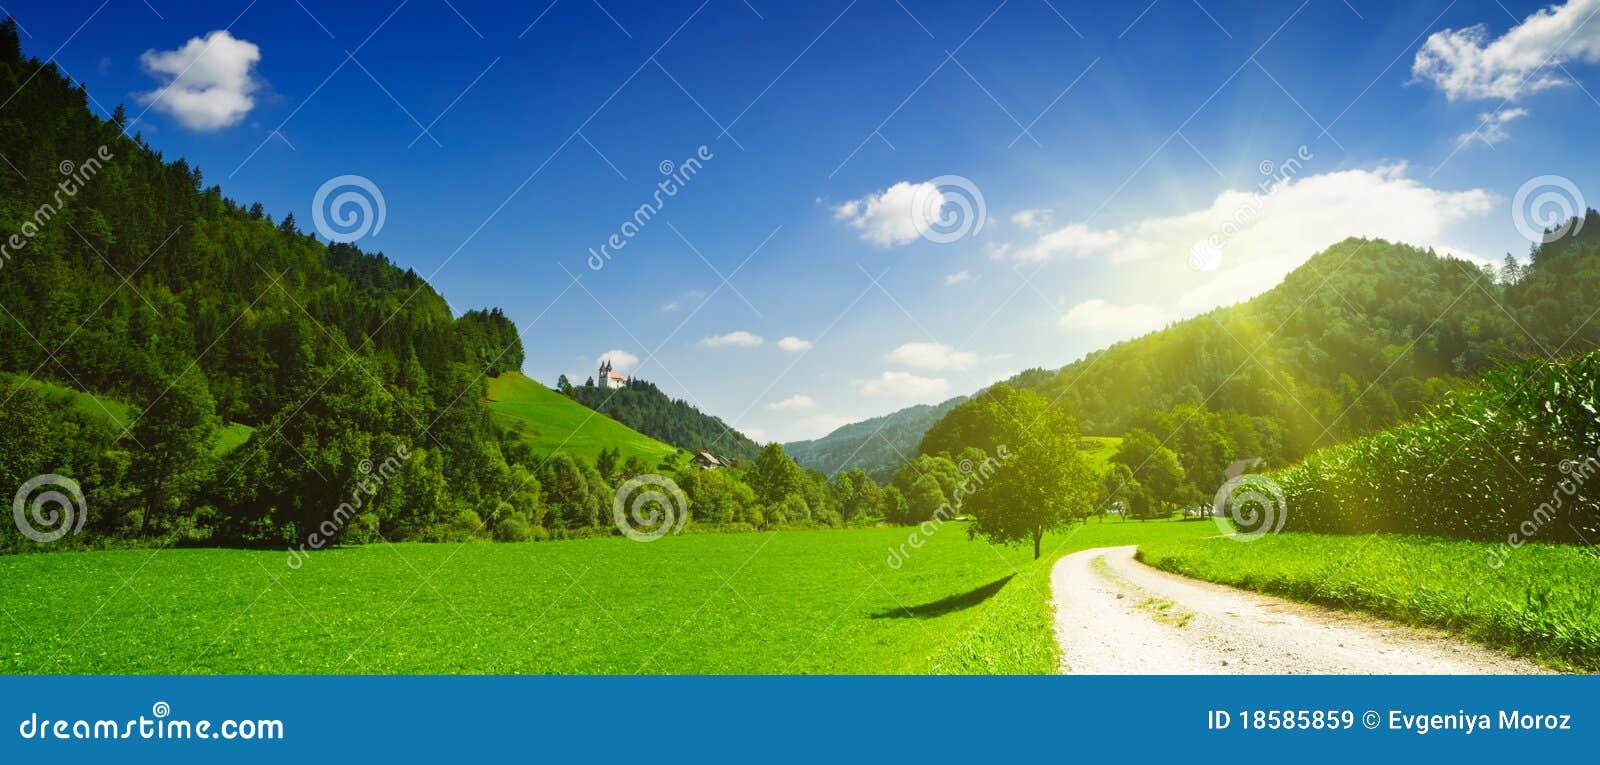 взгляд сельской местности идилличный панорамный